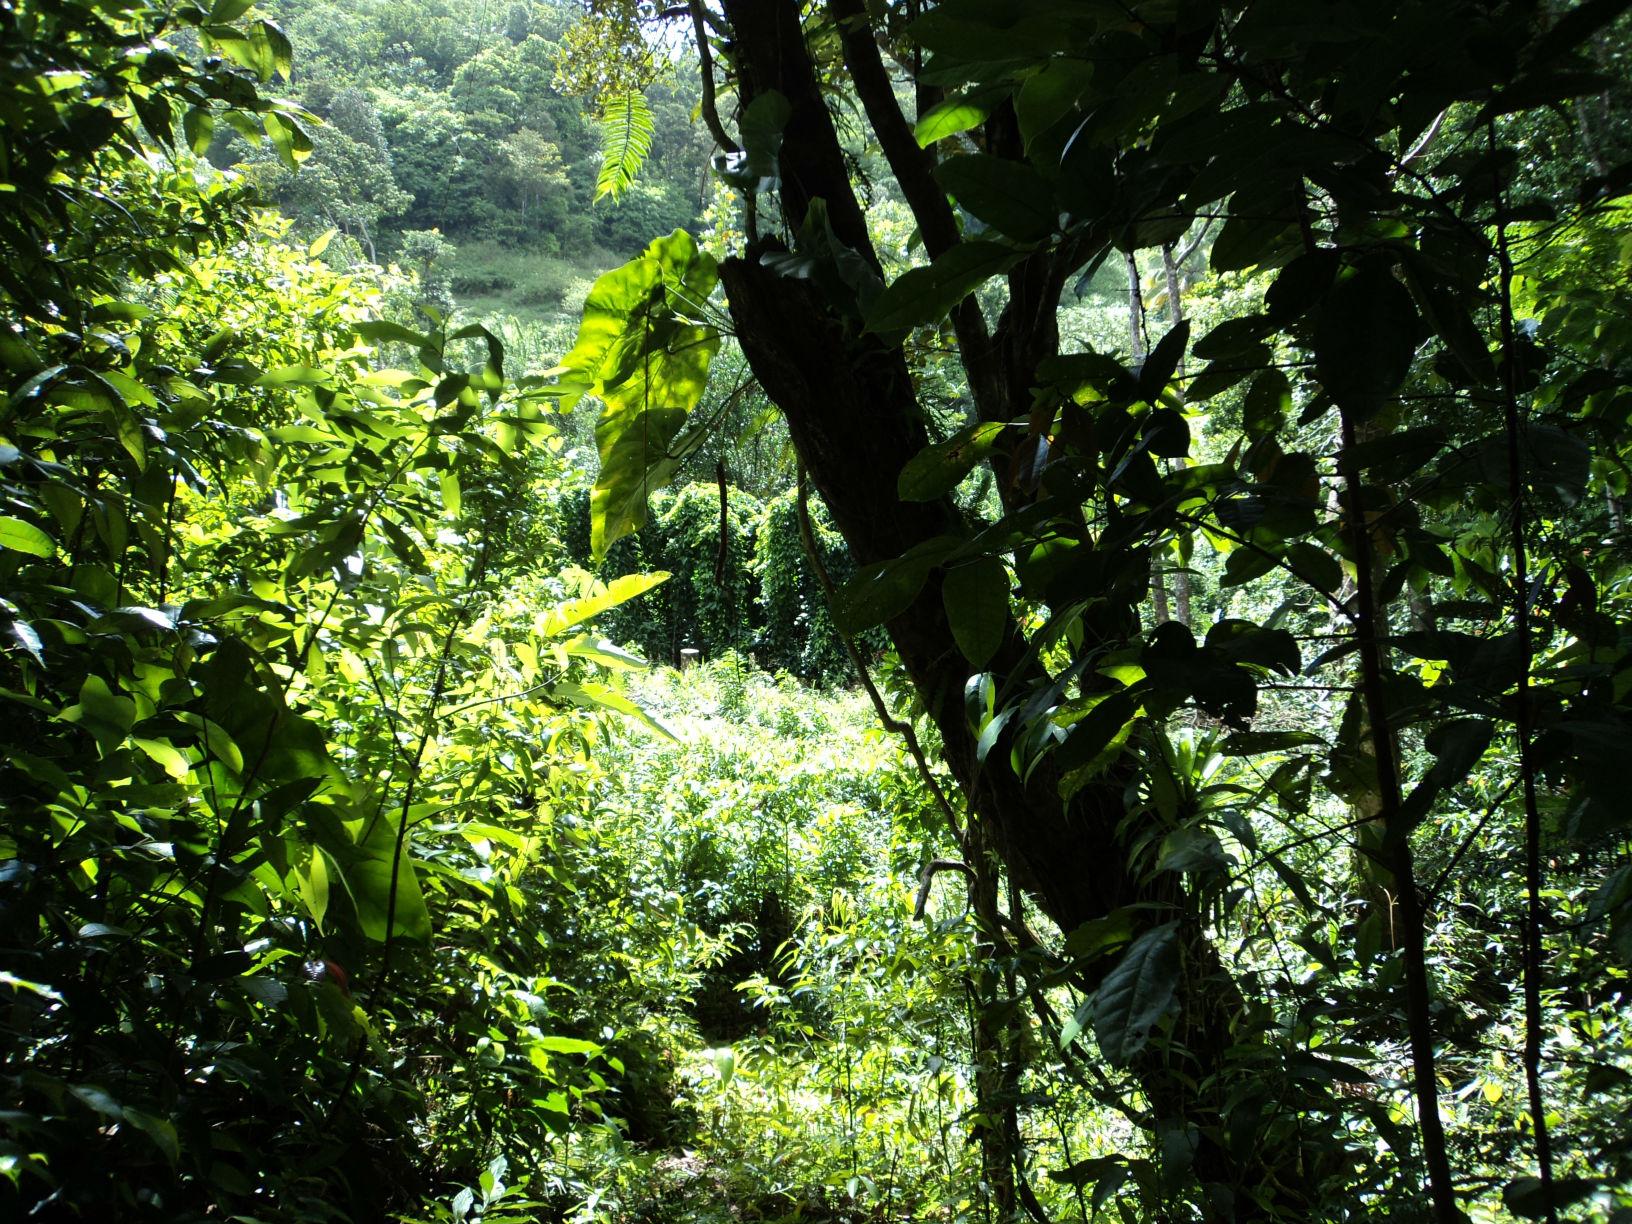 Dominica Real Estate: Land For Sale In Despor